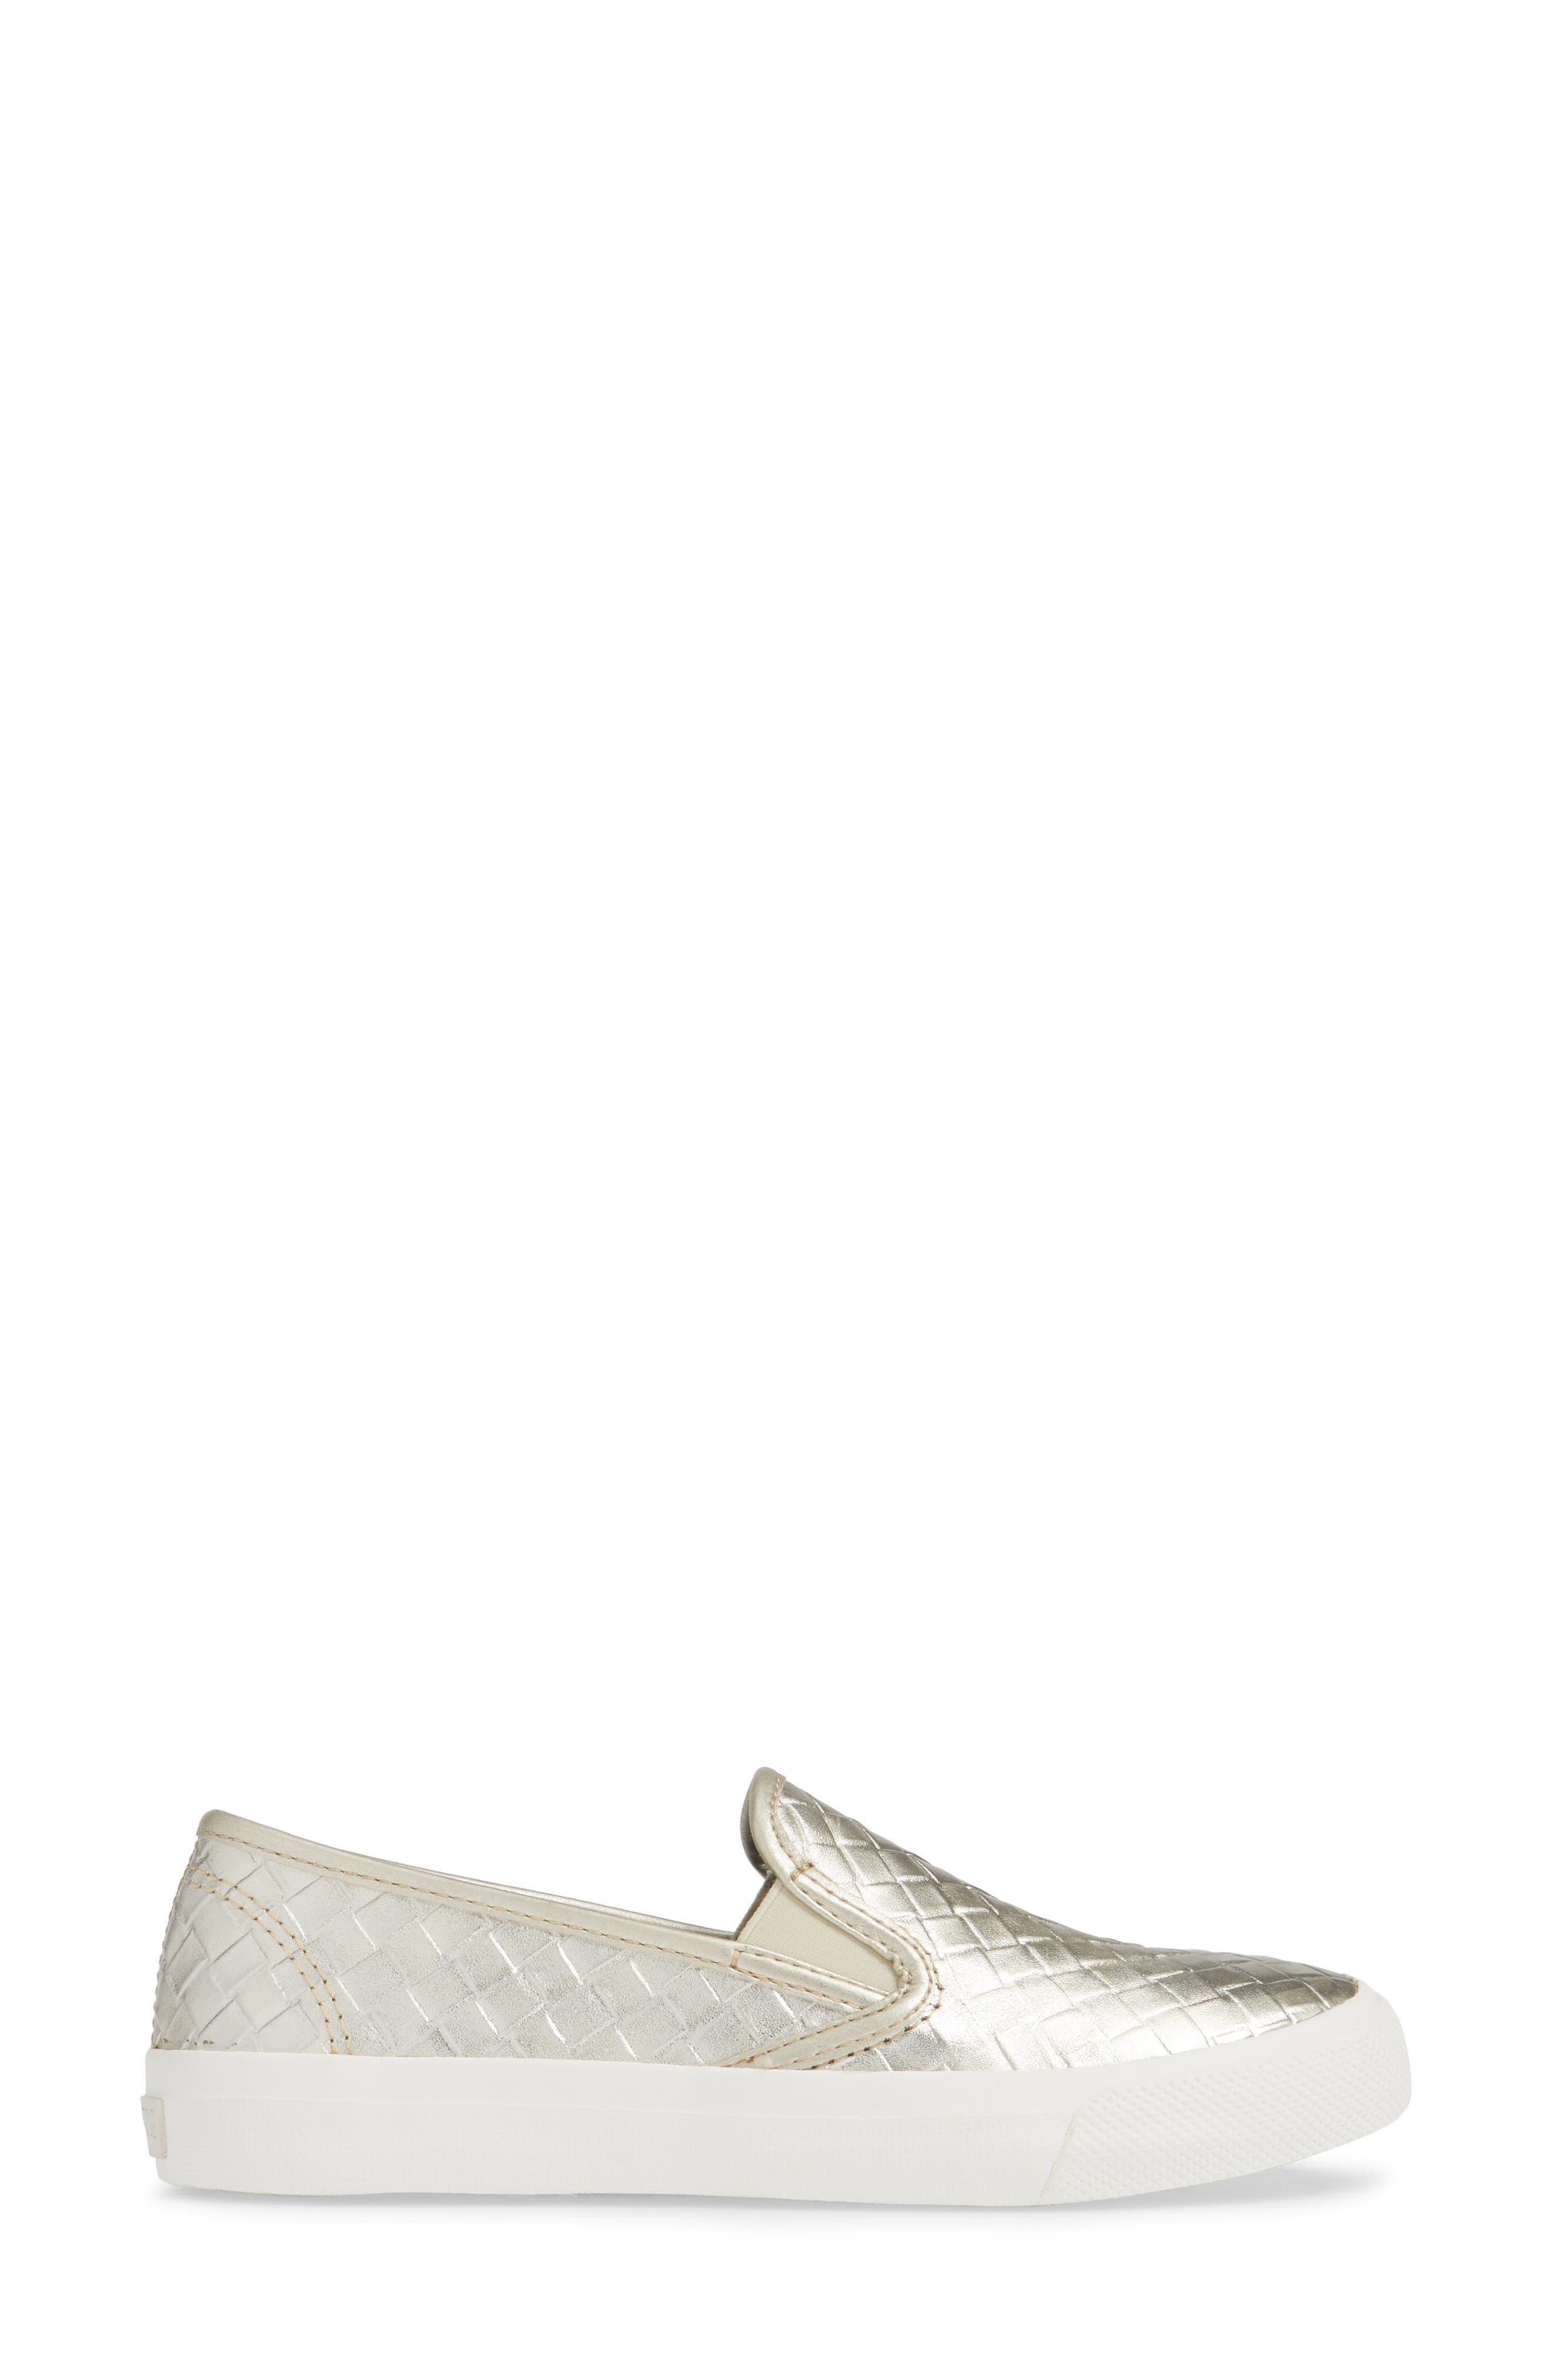 Seaside Embossed Weave Slip-On Sneaker,                             Alternate thumbnail 3, color,                             PLATINUM LEATHER